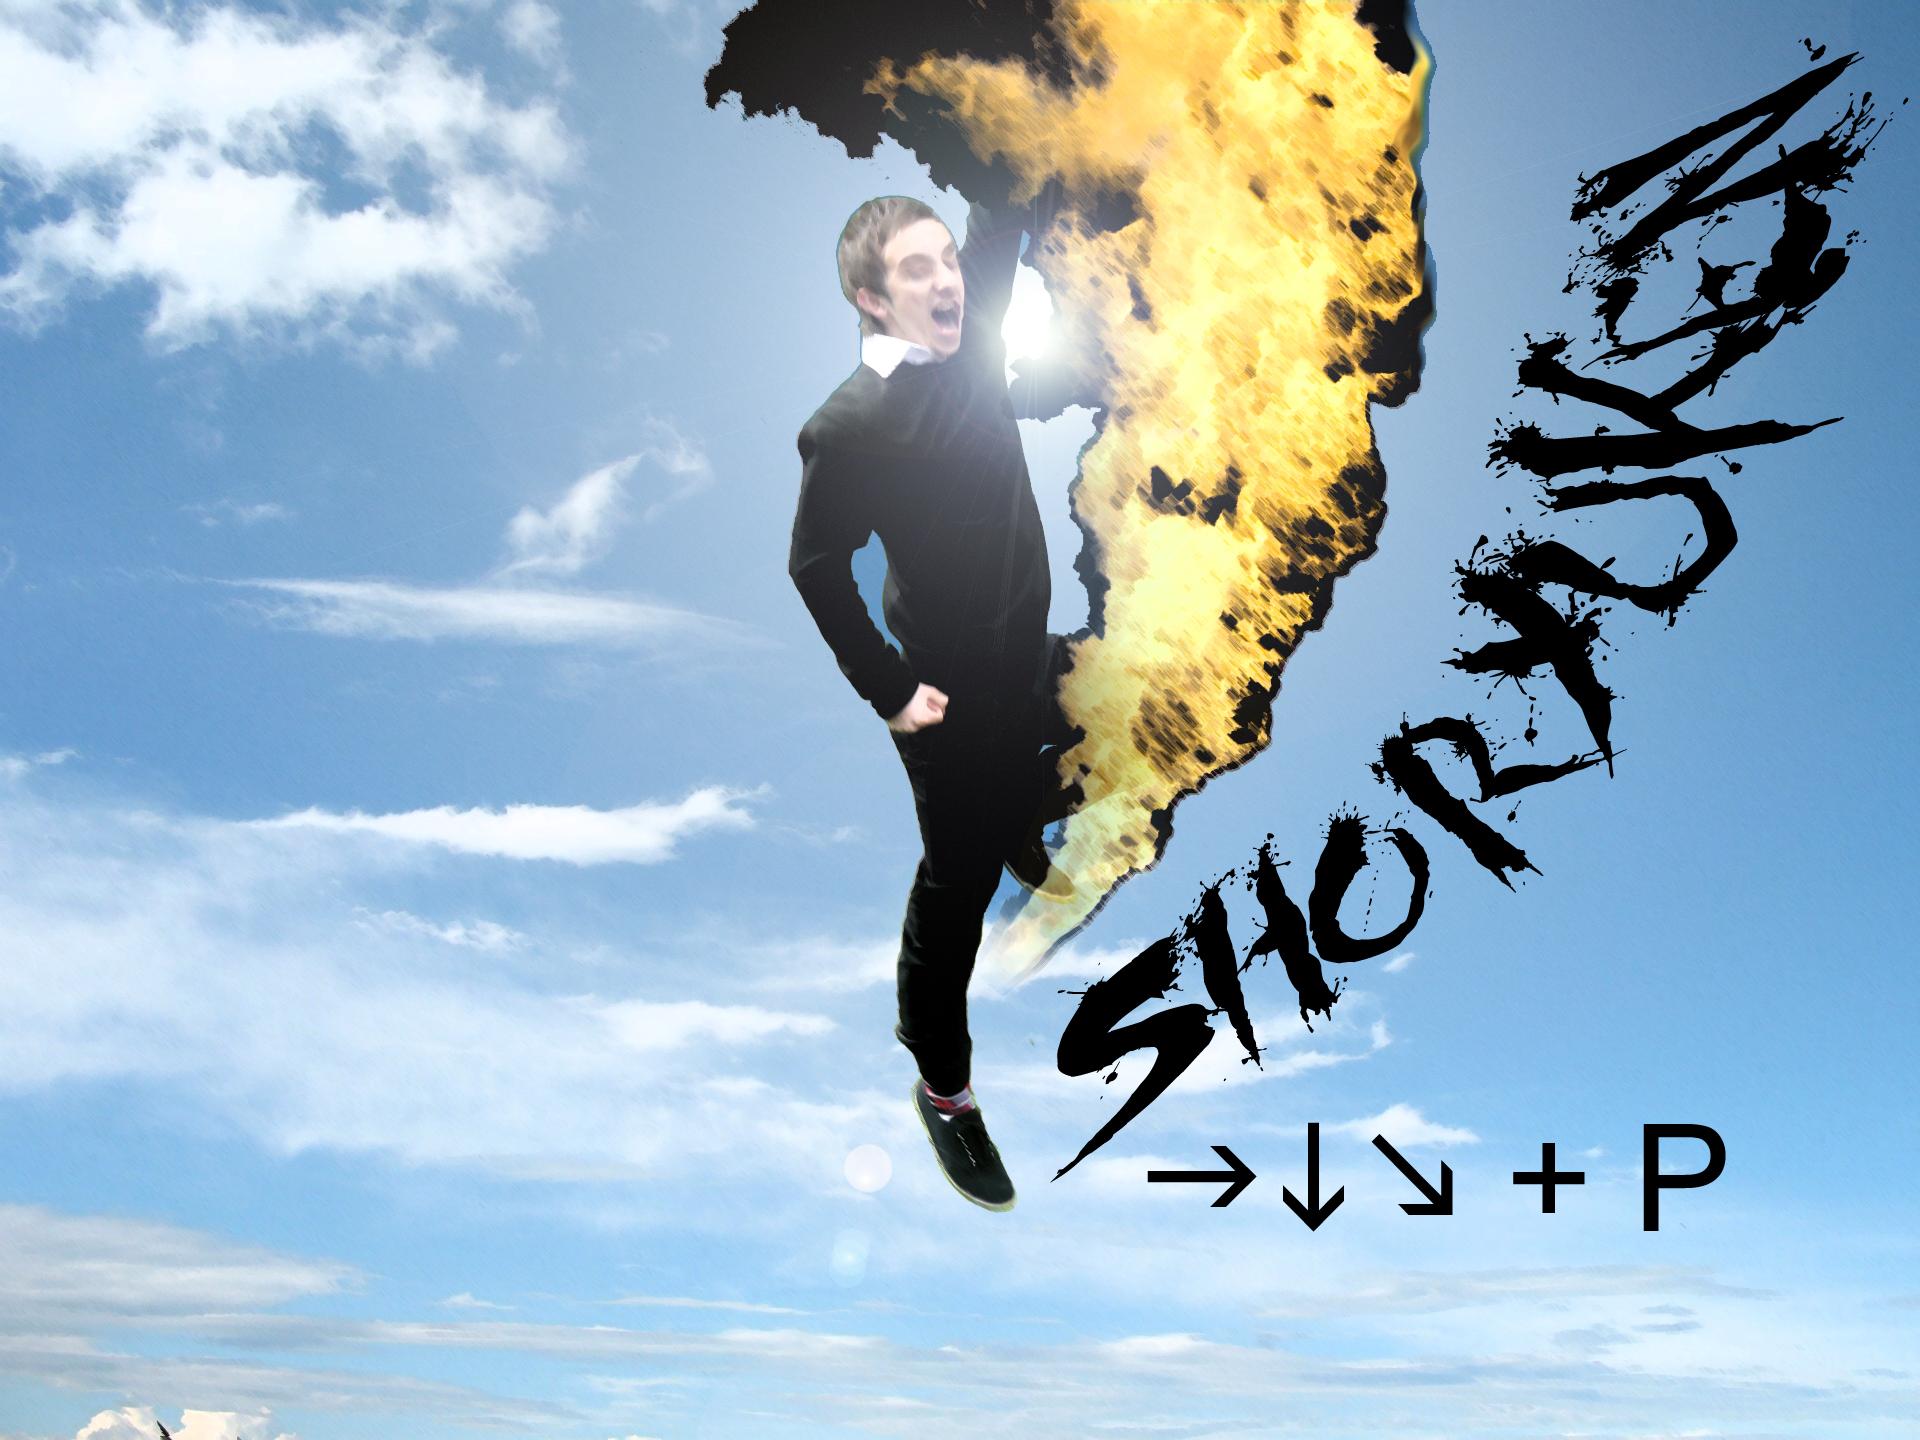 SHORYUKEN!!!!